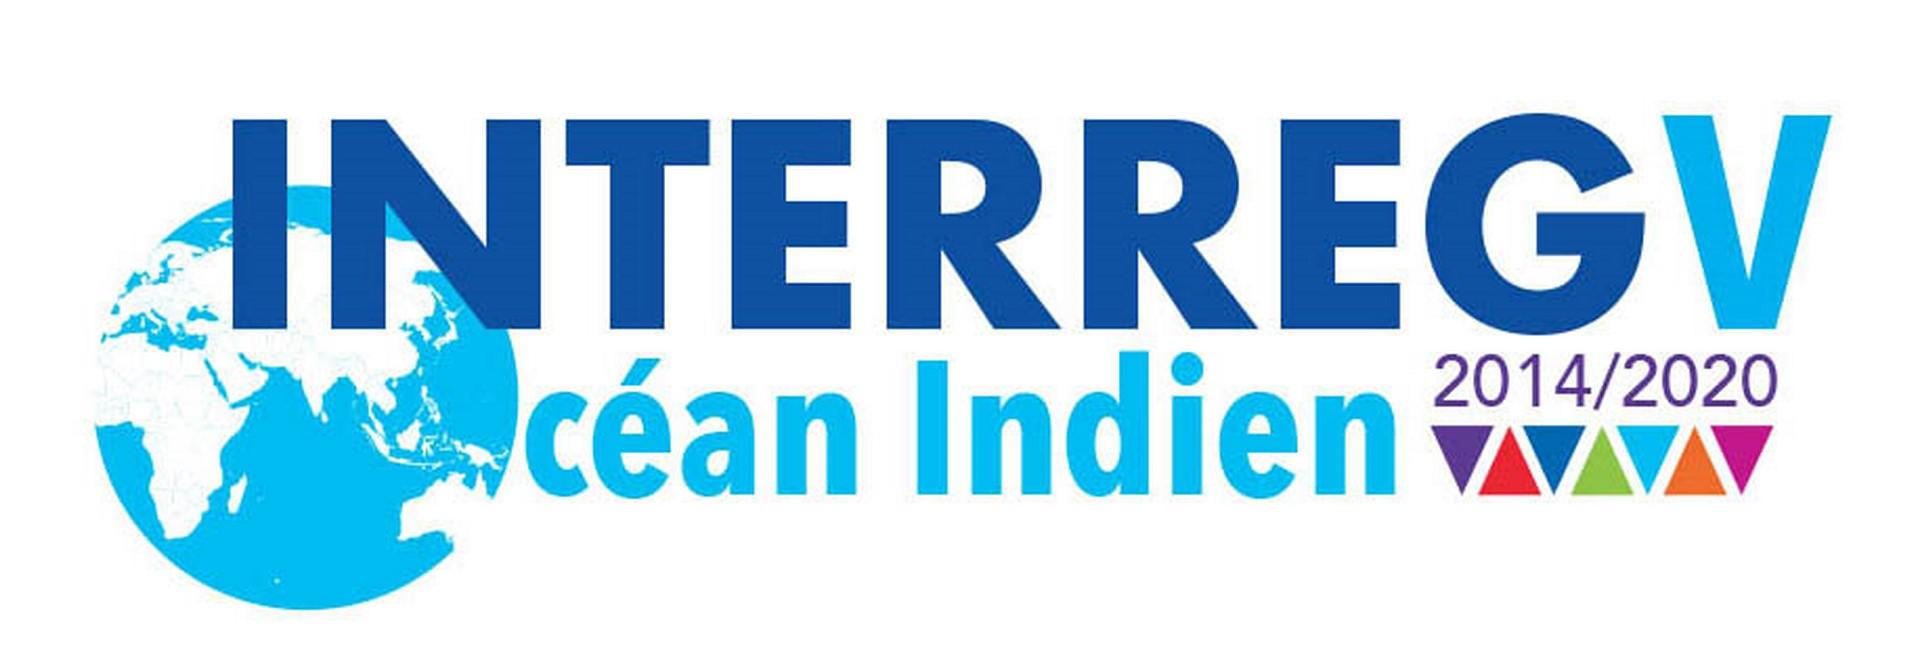 Interreg V